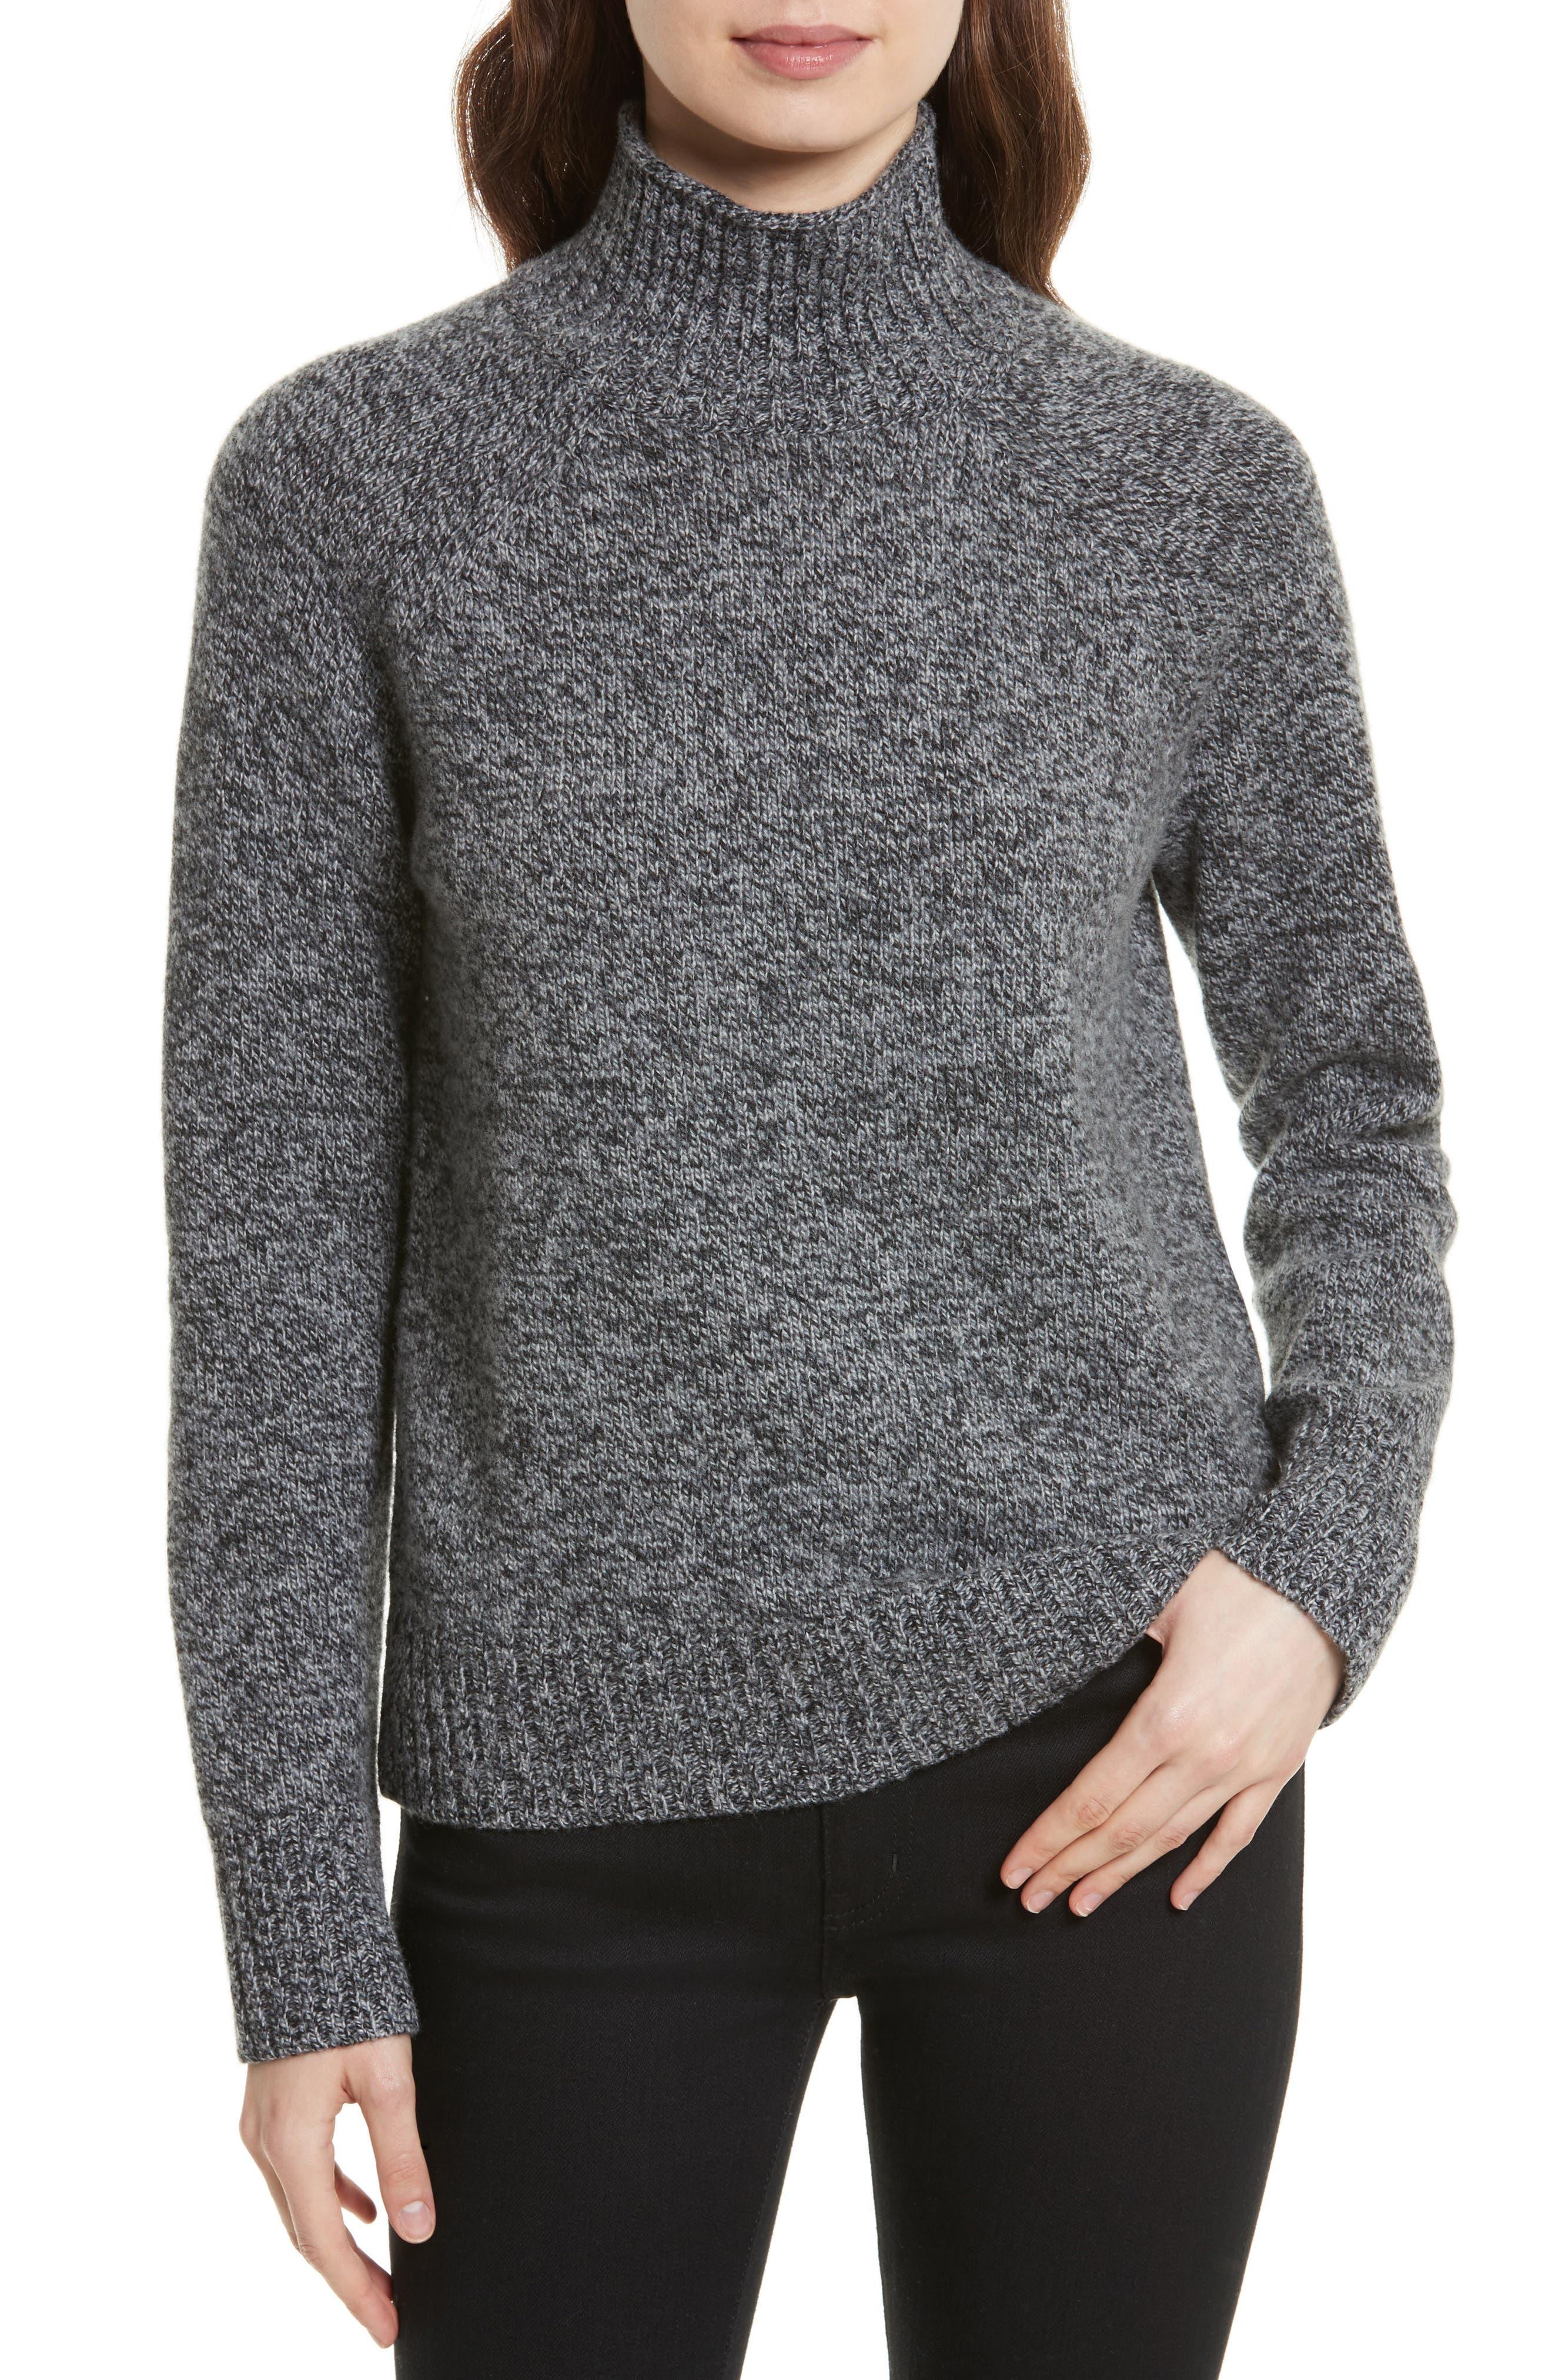 Equipment Inez Mock Neck Sweater